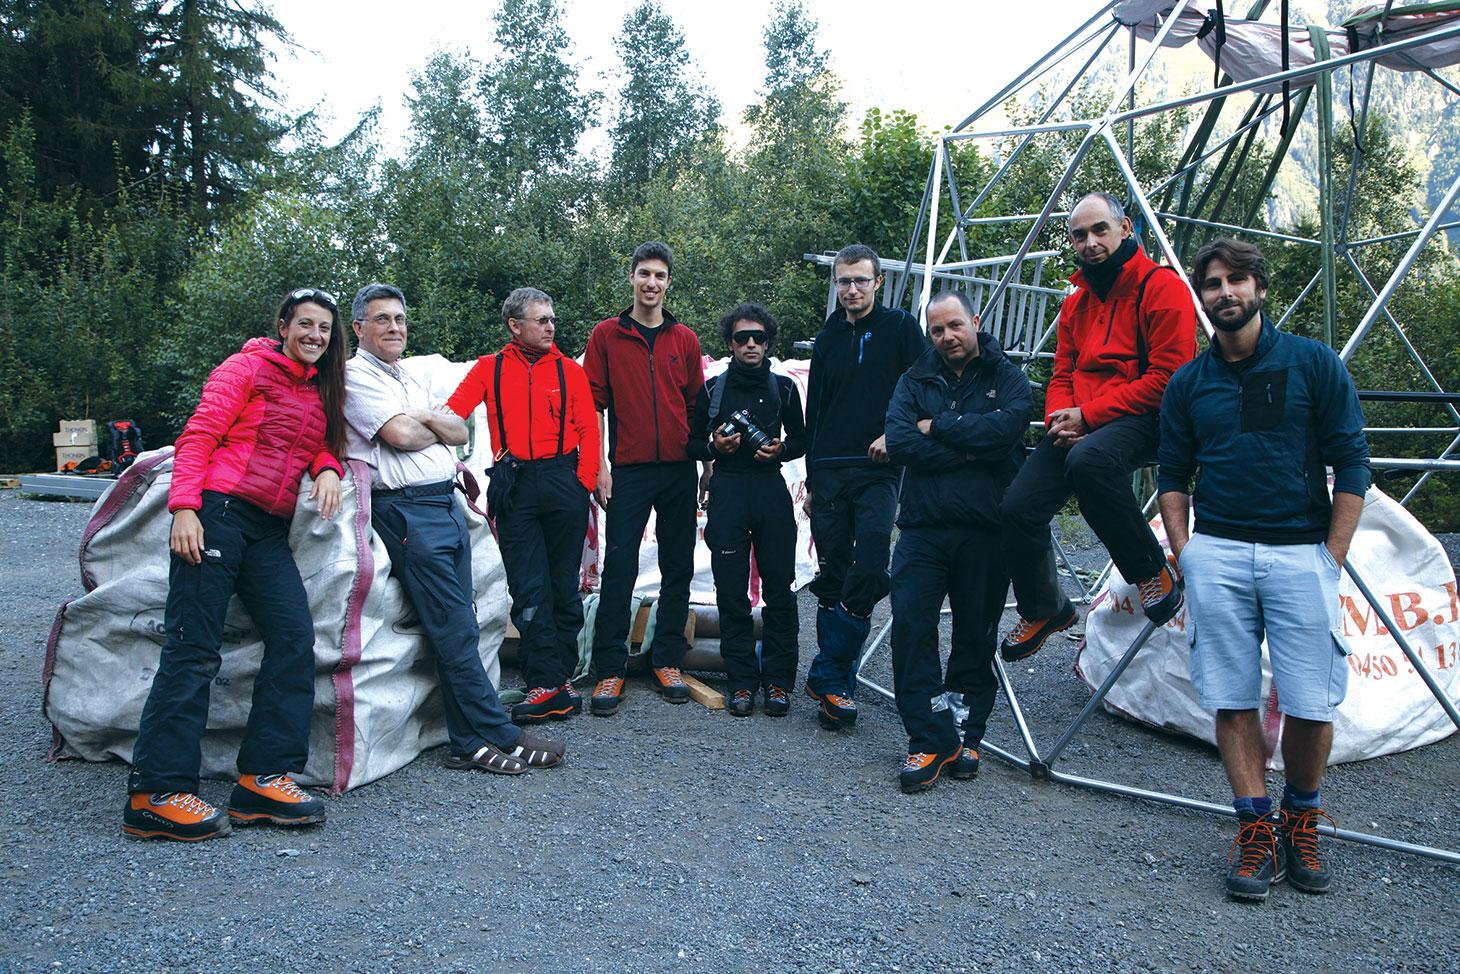 L'équipe d' Ice Memory attend l'hélicoptère qui va emporter la structure du dôme de forage sur le Mont-Blanc